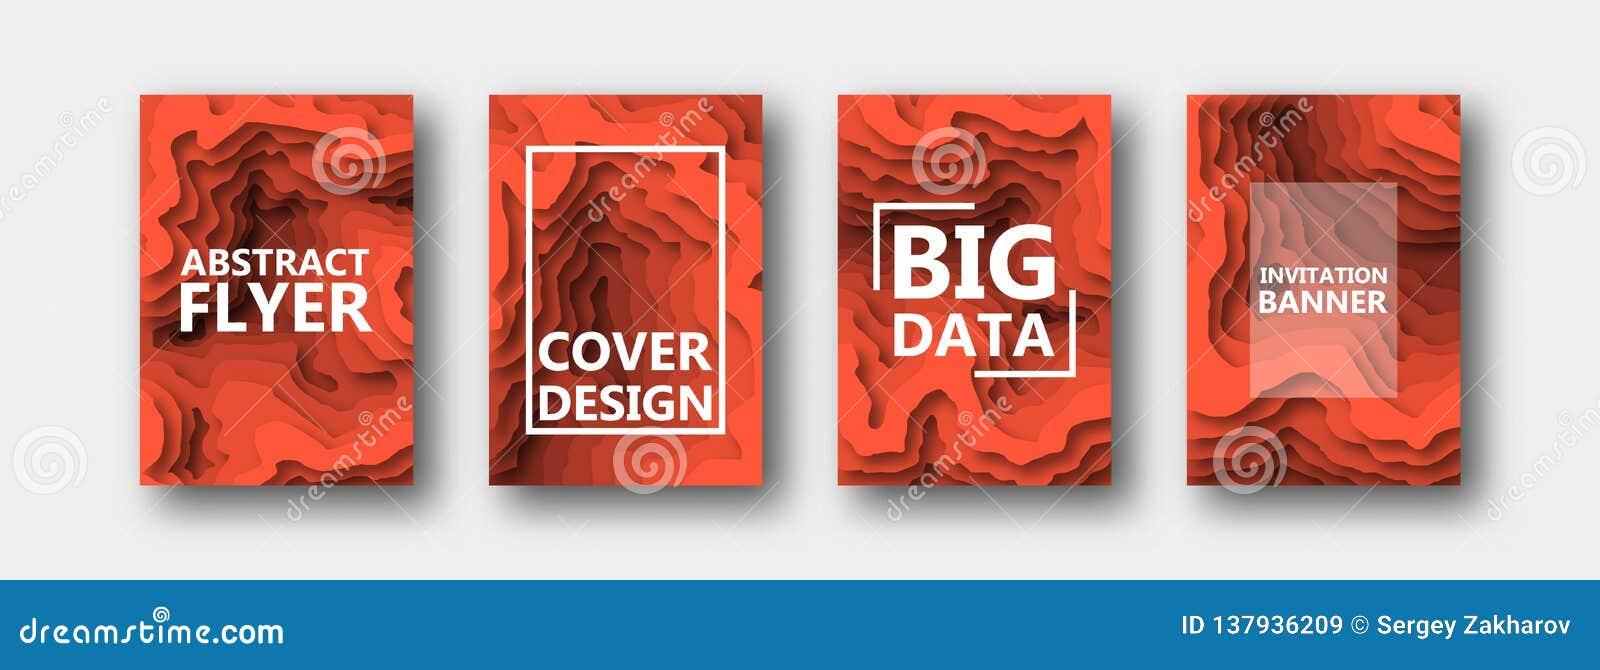 Un ensemble de quatre options pour des bannières, insectes, brochures, cartes, affiches pour votre conception, dans des tons oran